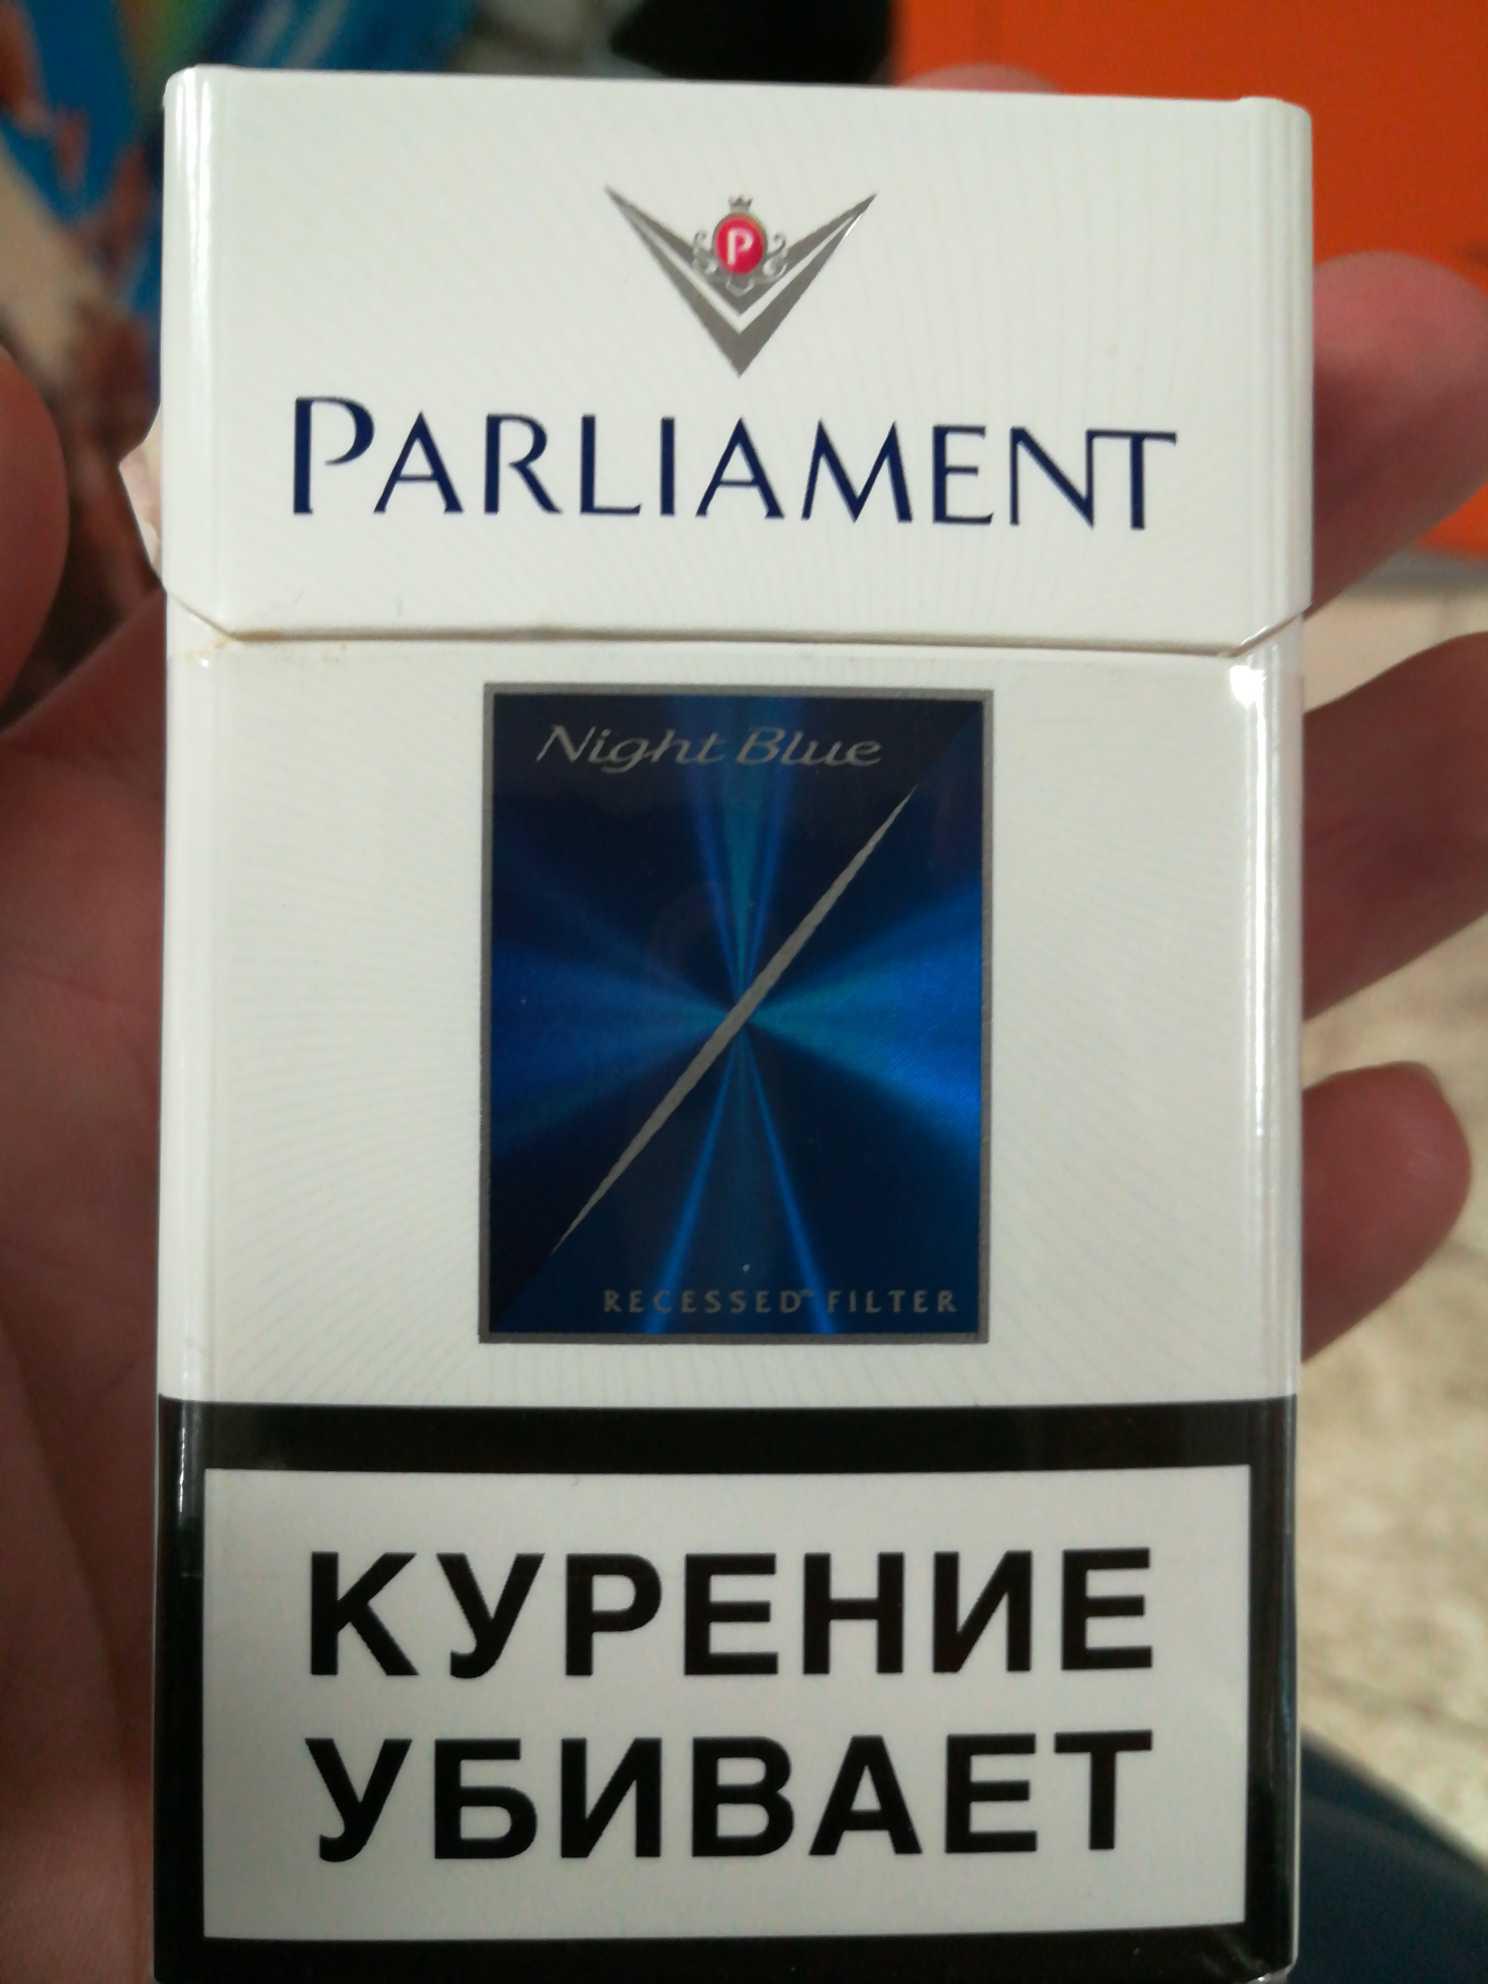 Купить сигареты парламент сильвер блю жидкость электронная сигарета купить в орле